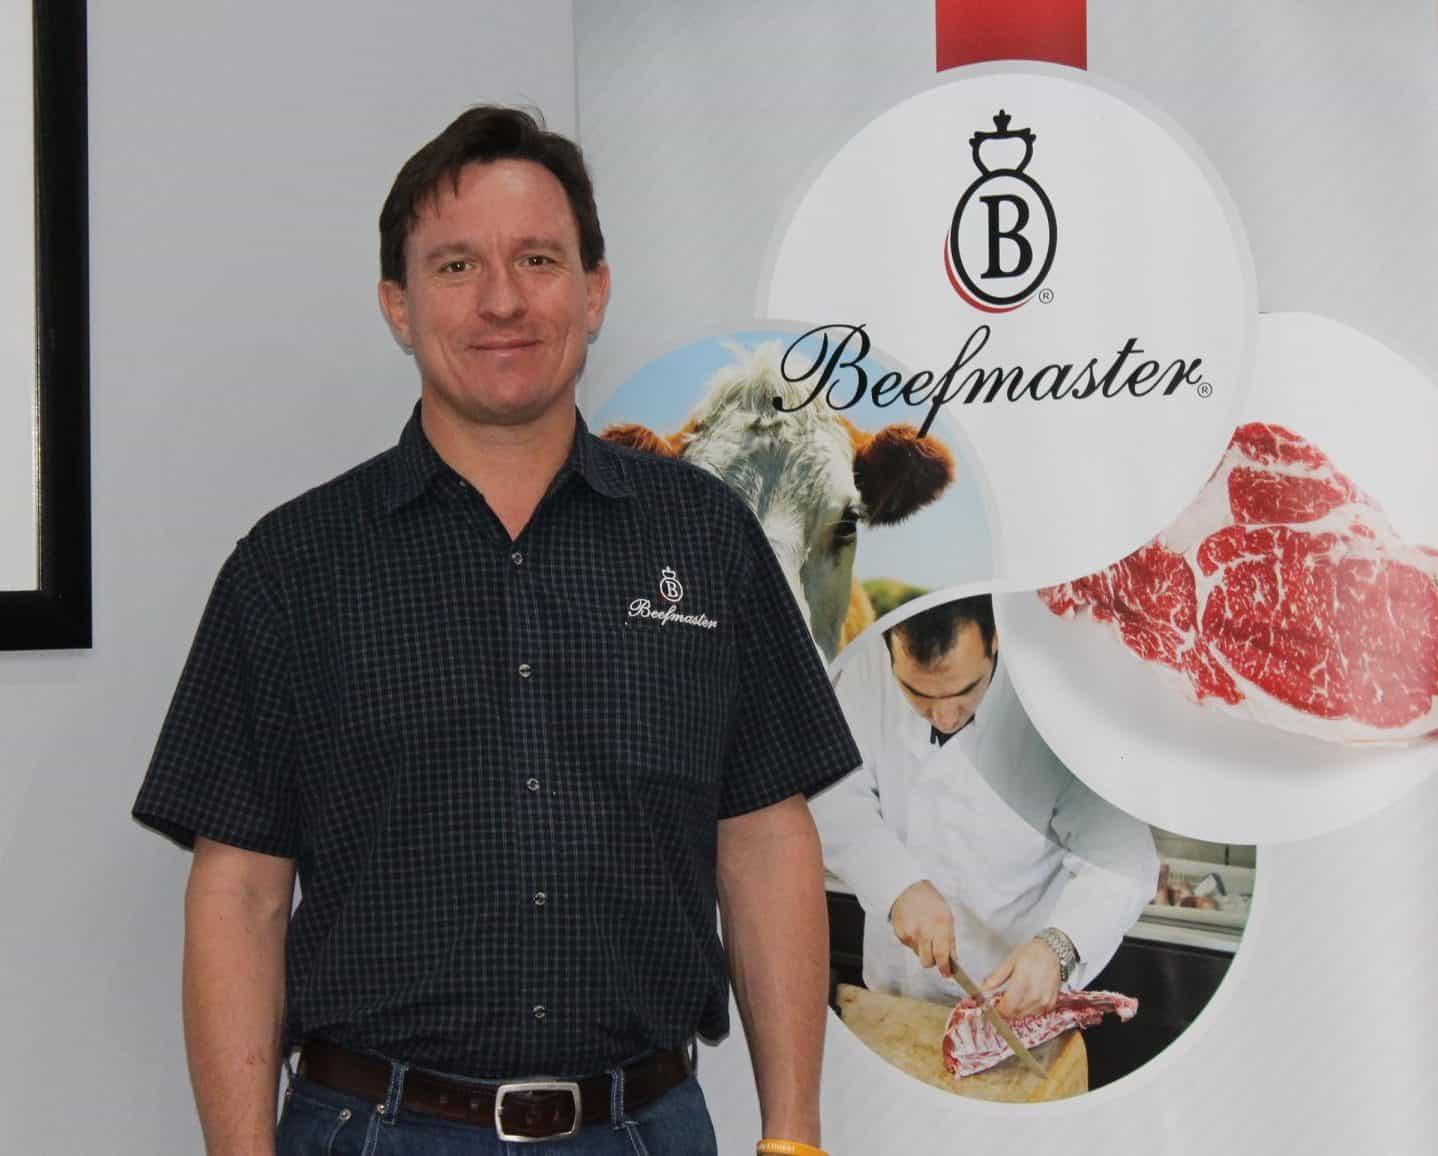 Group CEO of the Beefmaster Group, Louw van Reenen. Photo: Facebook